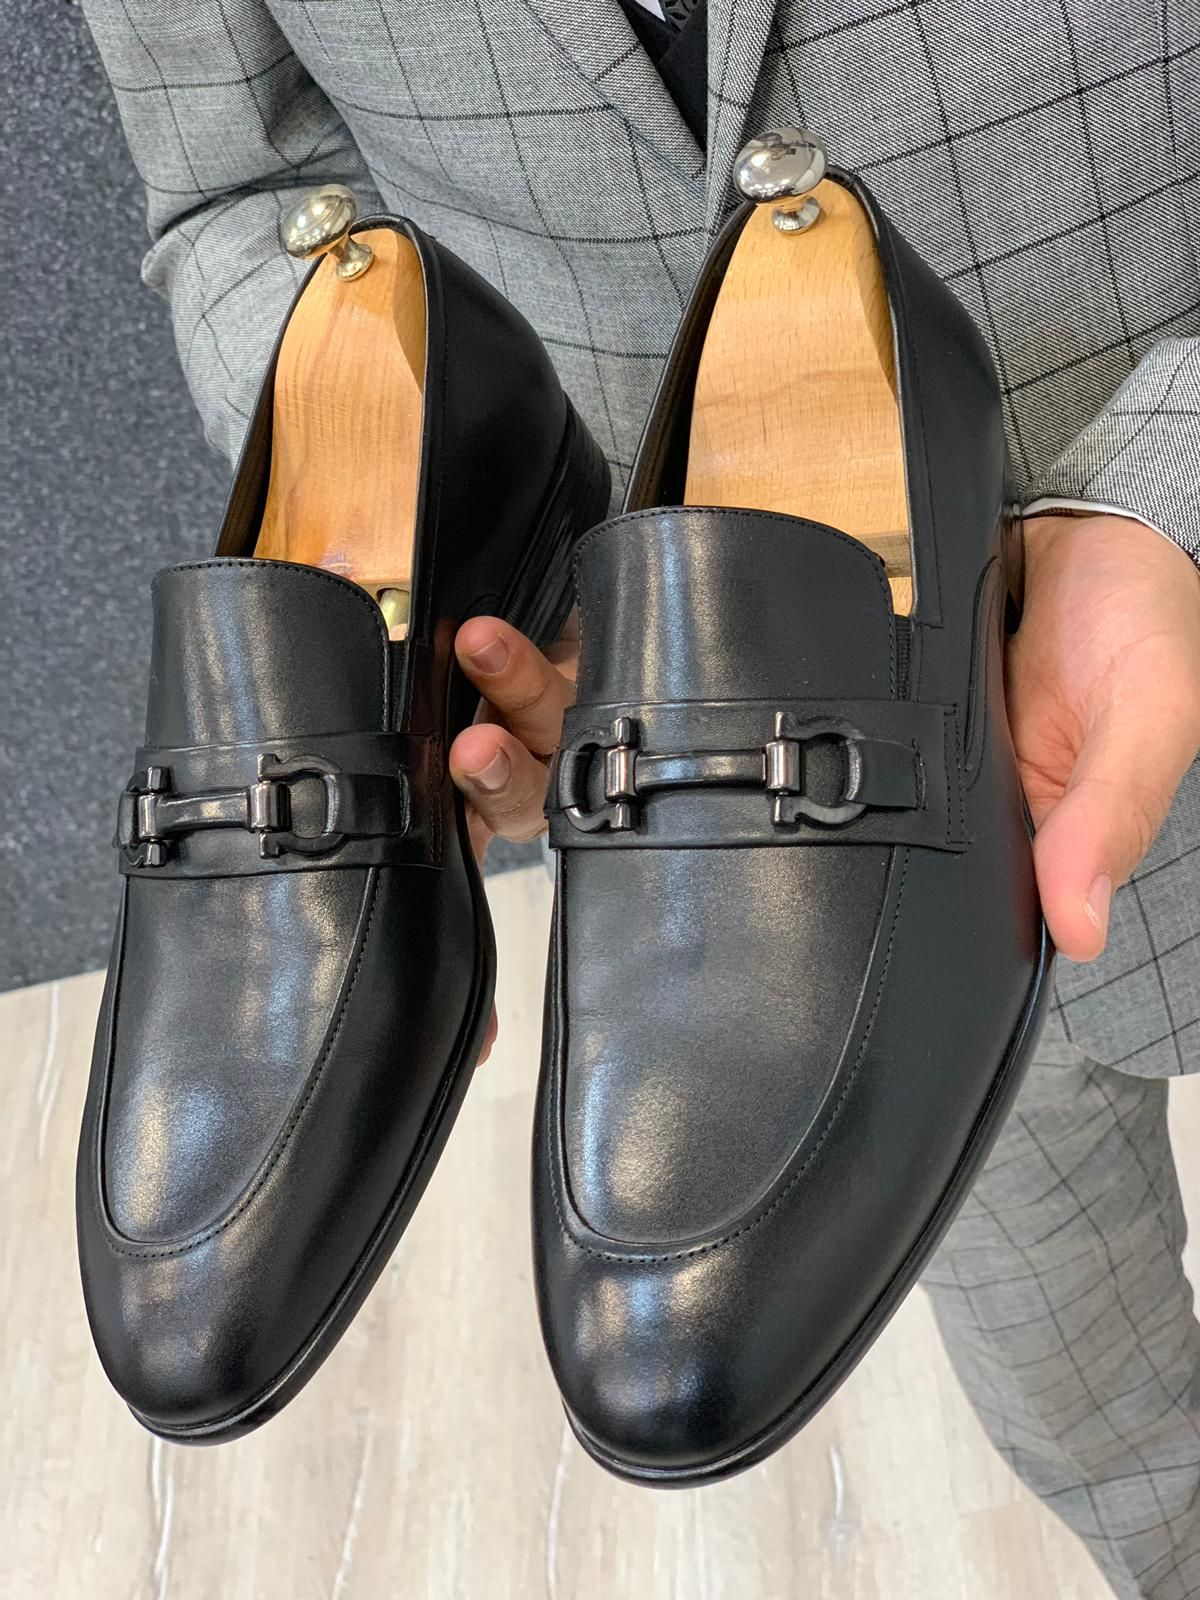 Buckled Antique Black Shoes Dress Shoes Men Mens Casual Leather Shoes Gentleman Shoes